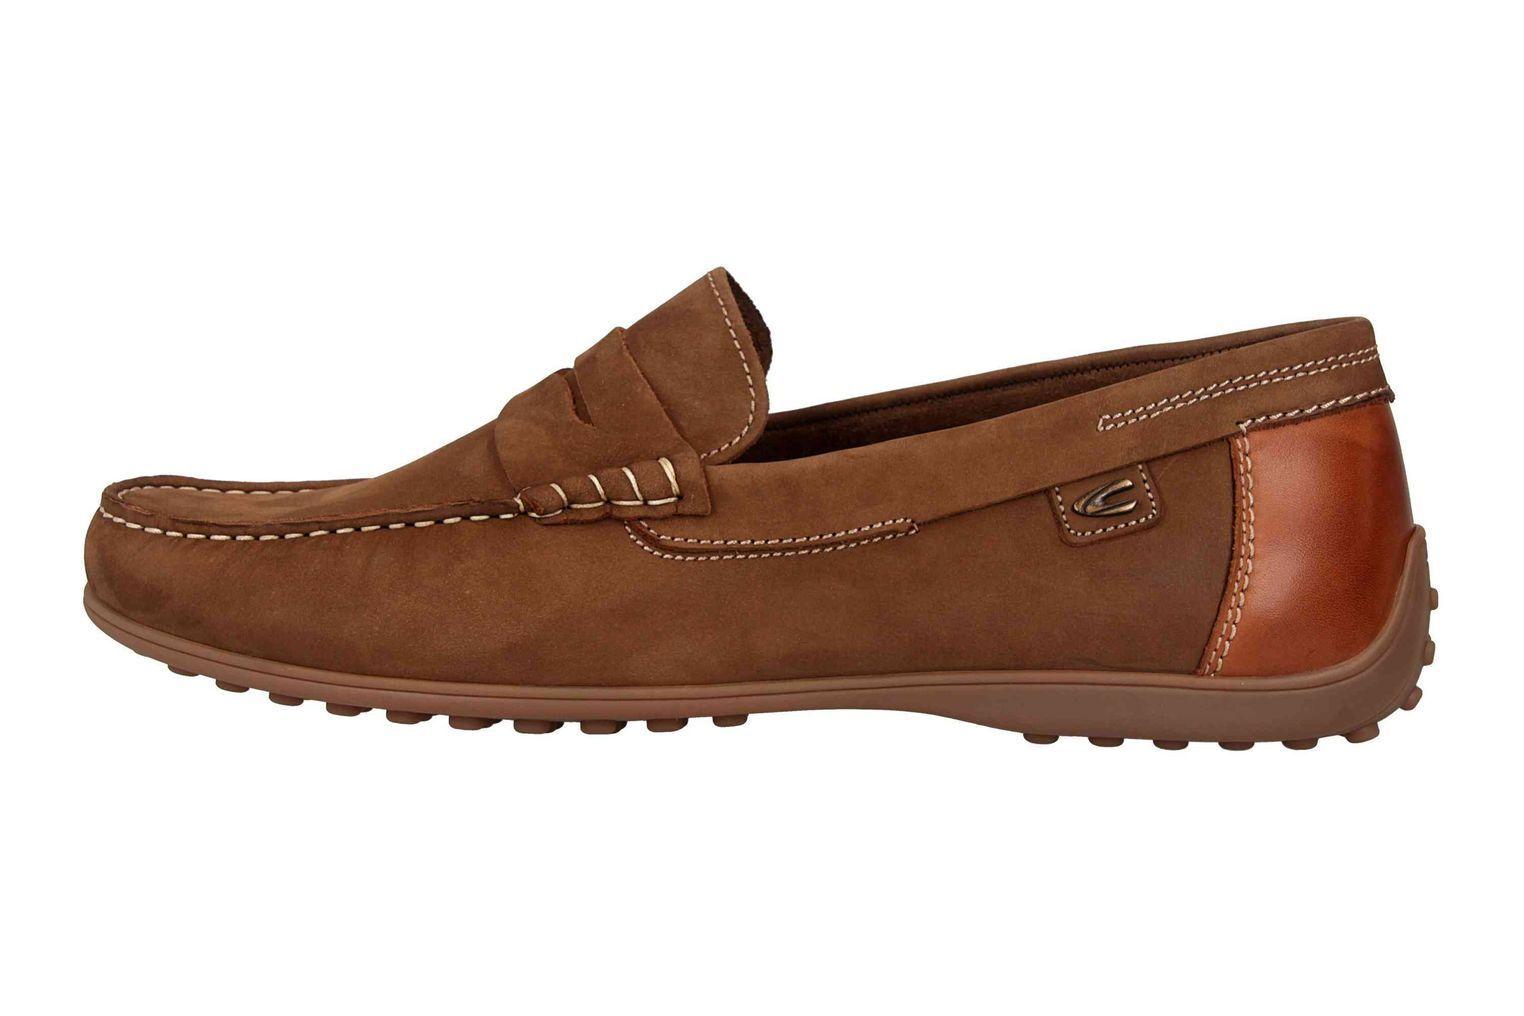 Camel active Pantoufles Dans Grandes Tailles Marron 521.12.09 grandes Chaussures Hommes